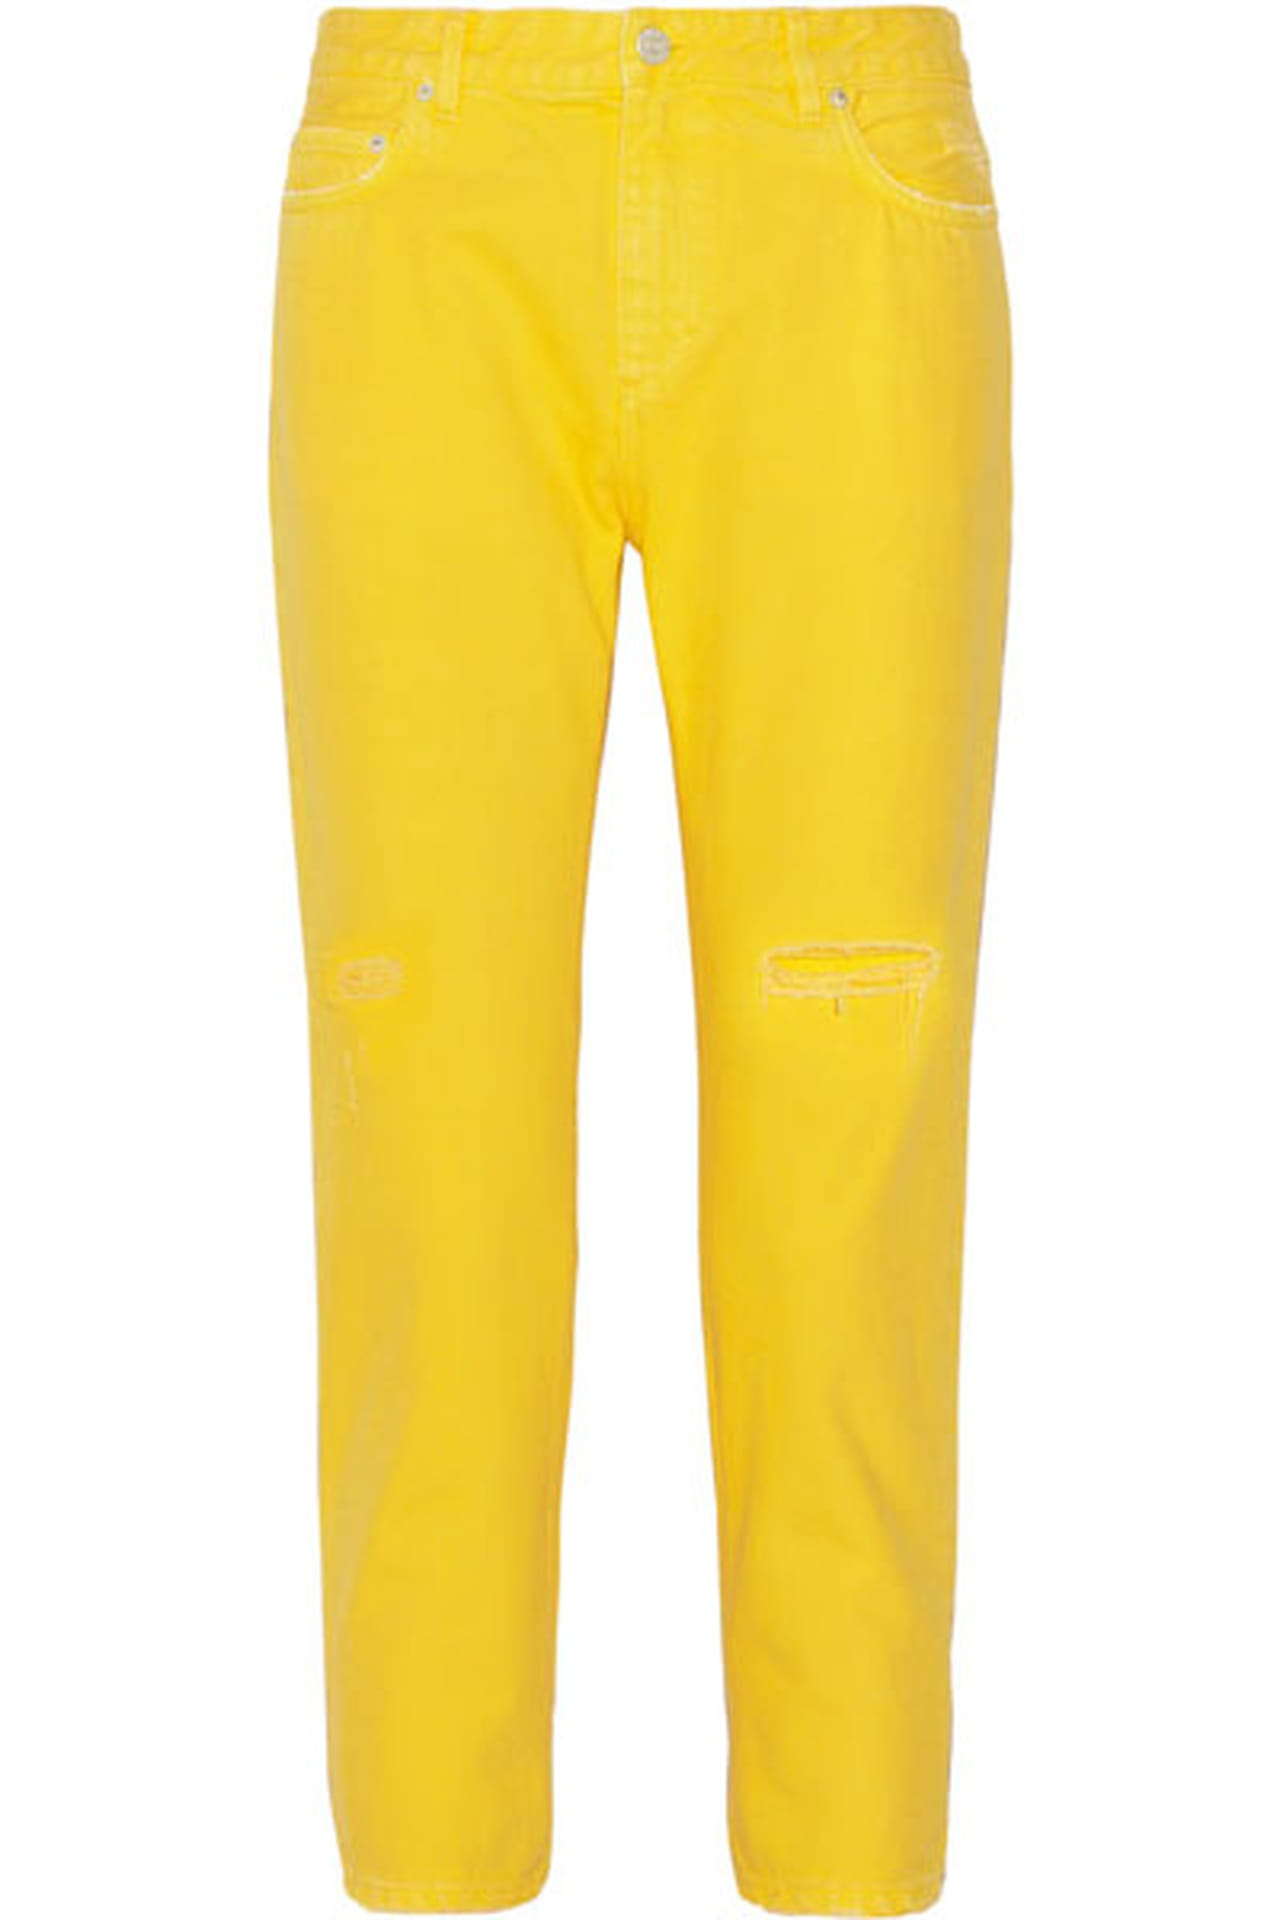 اللون الأصفر لطلة تعكس إشراقتك في النهار  832707